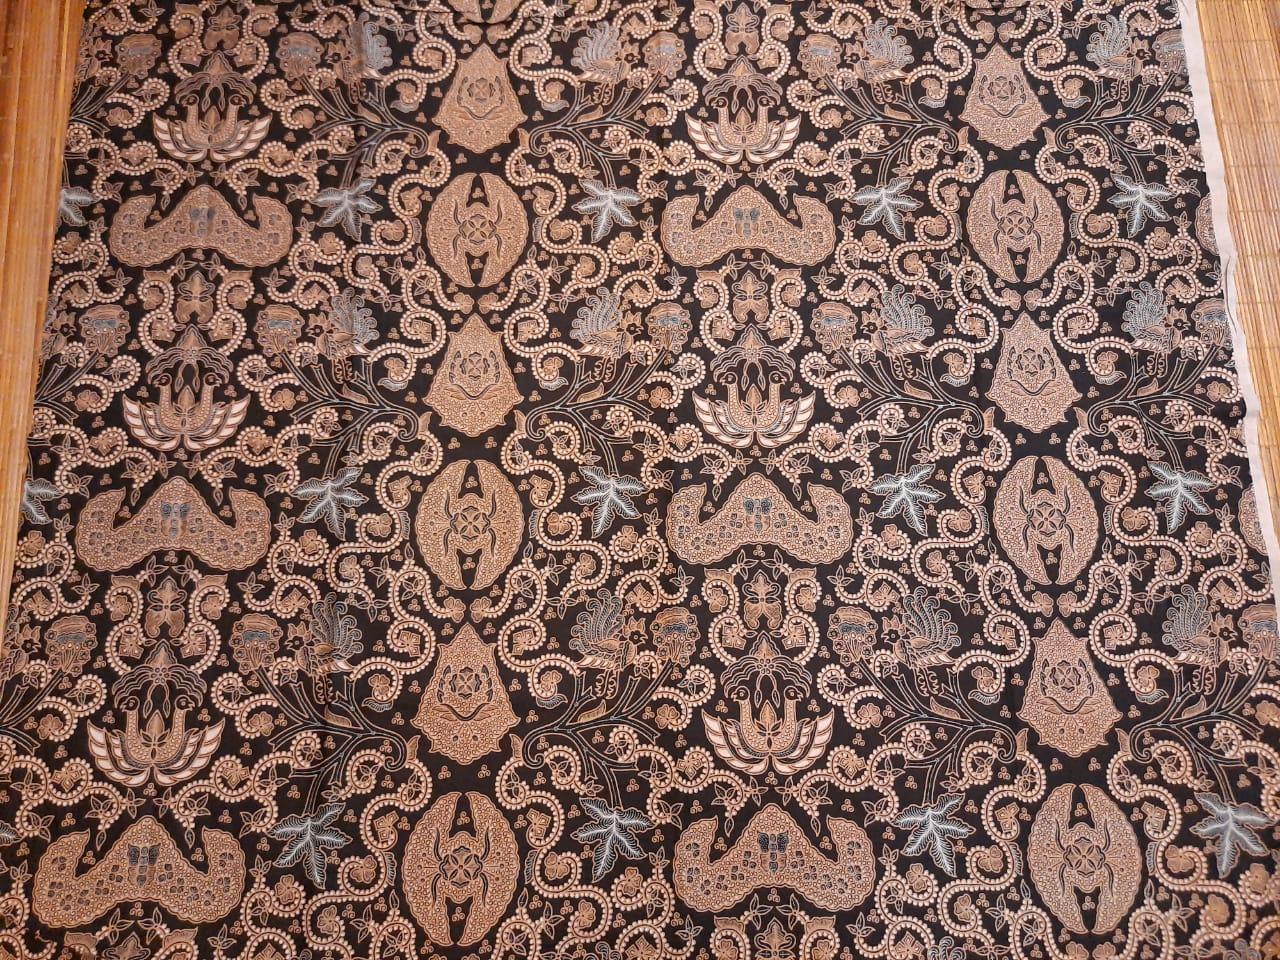 Pabrik Batik Printing